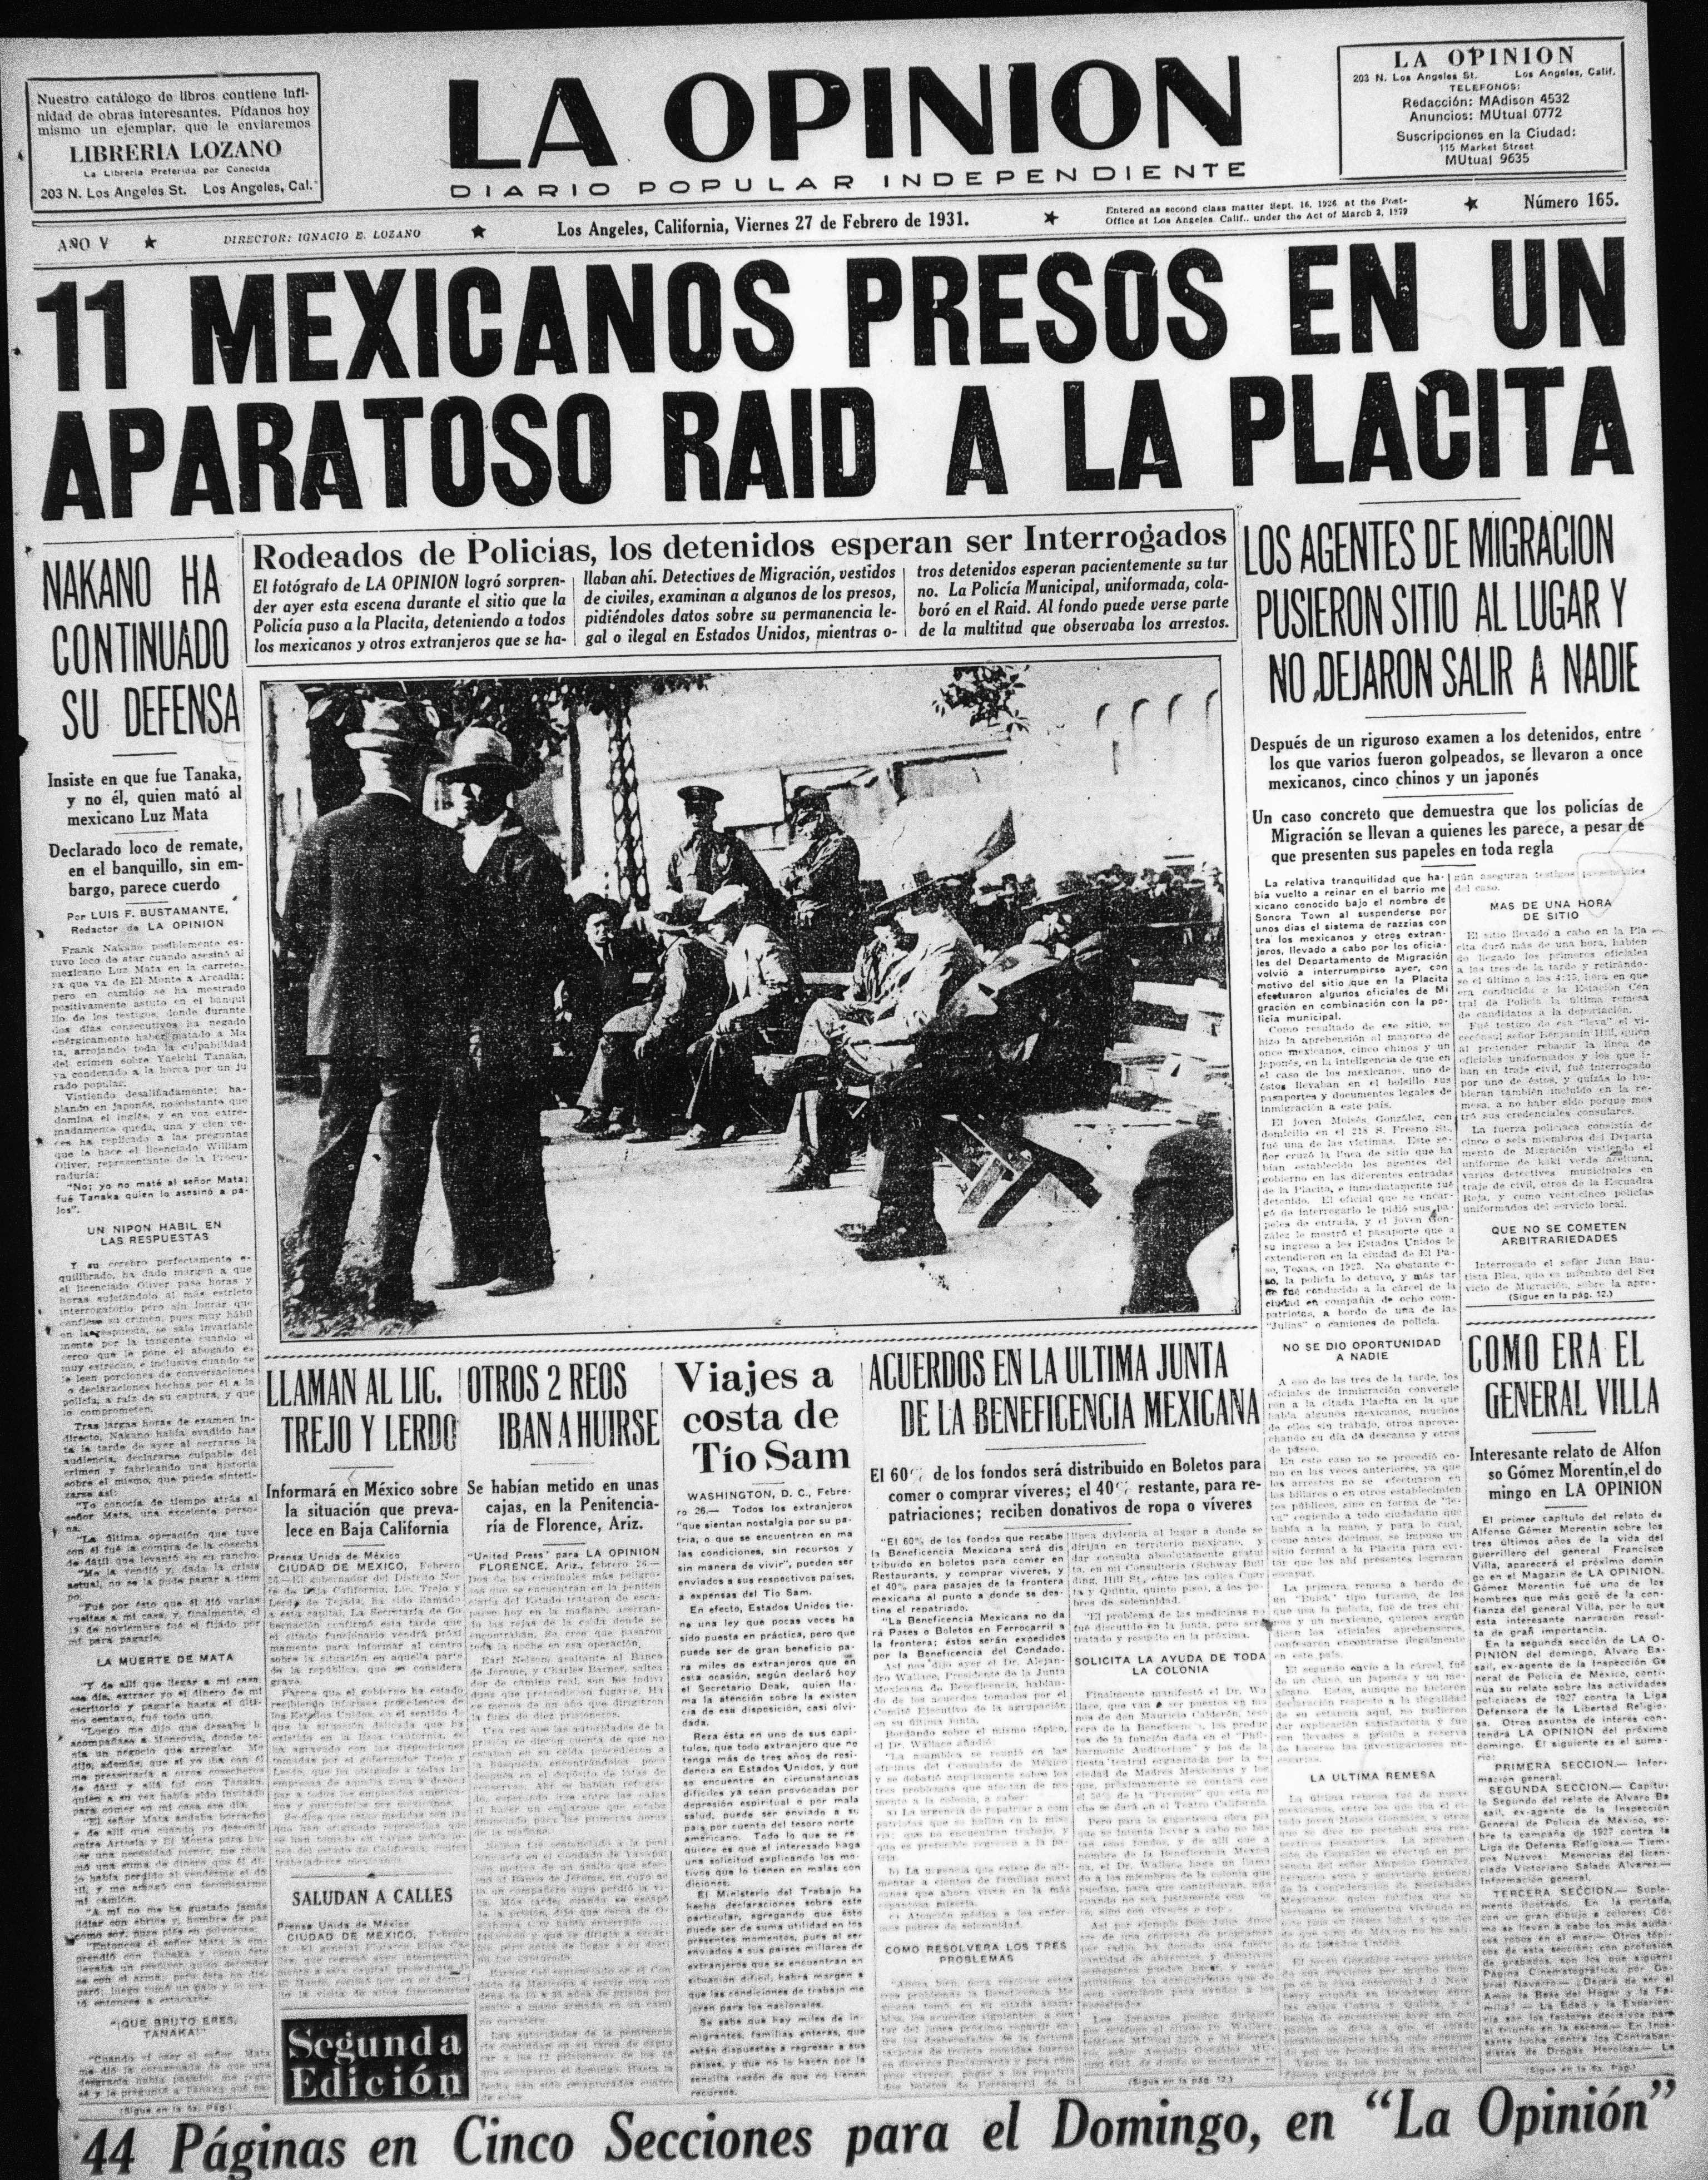 La Opinion Raid on La Placita